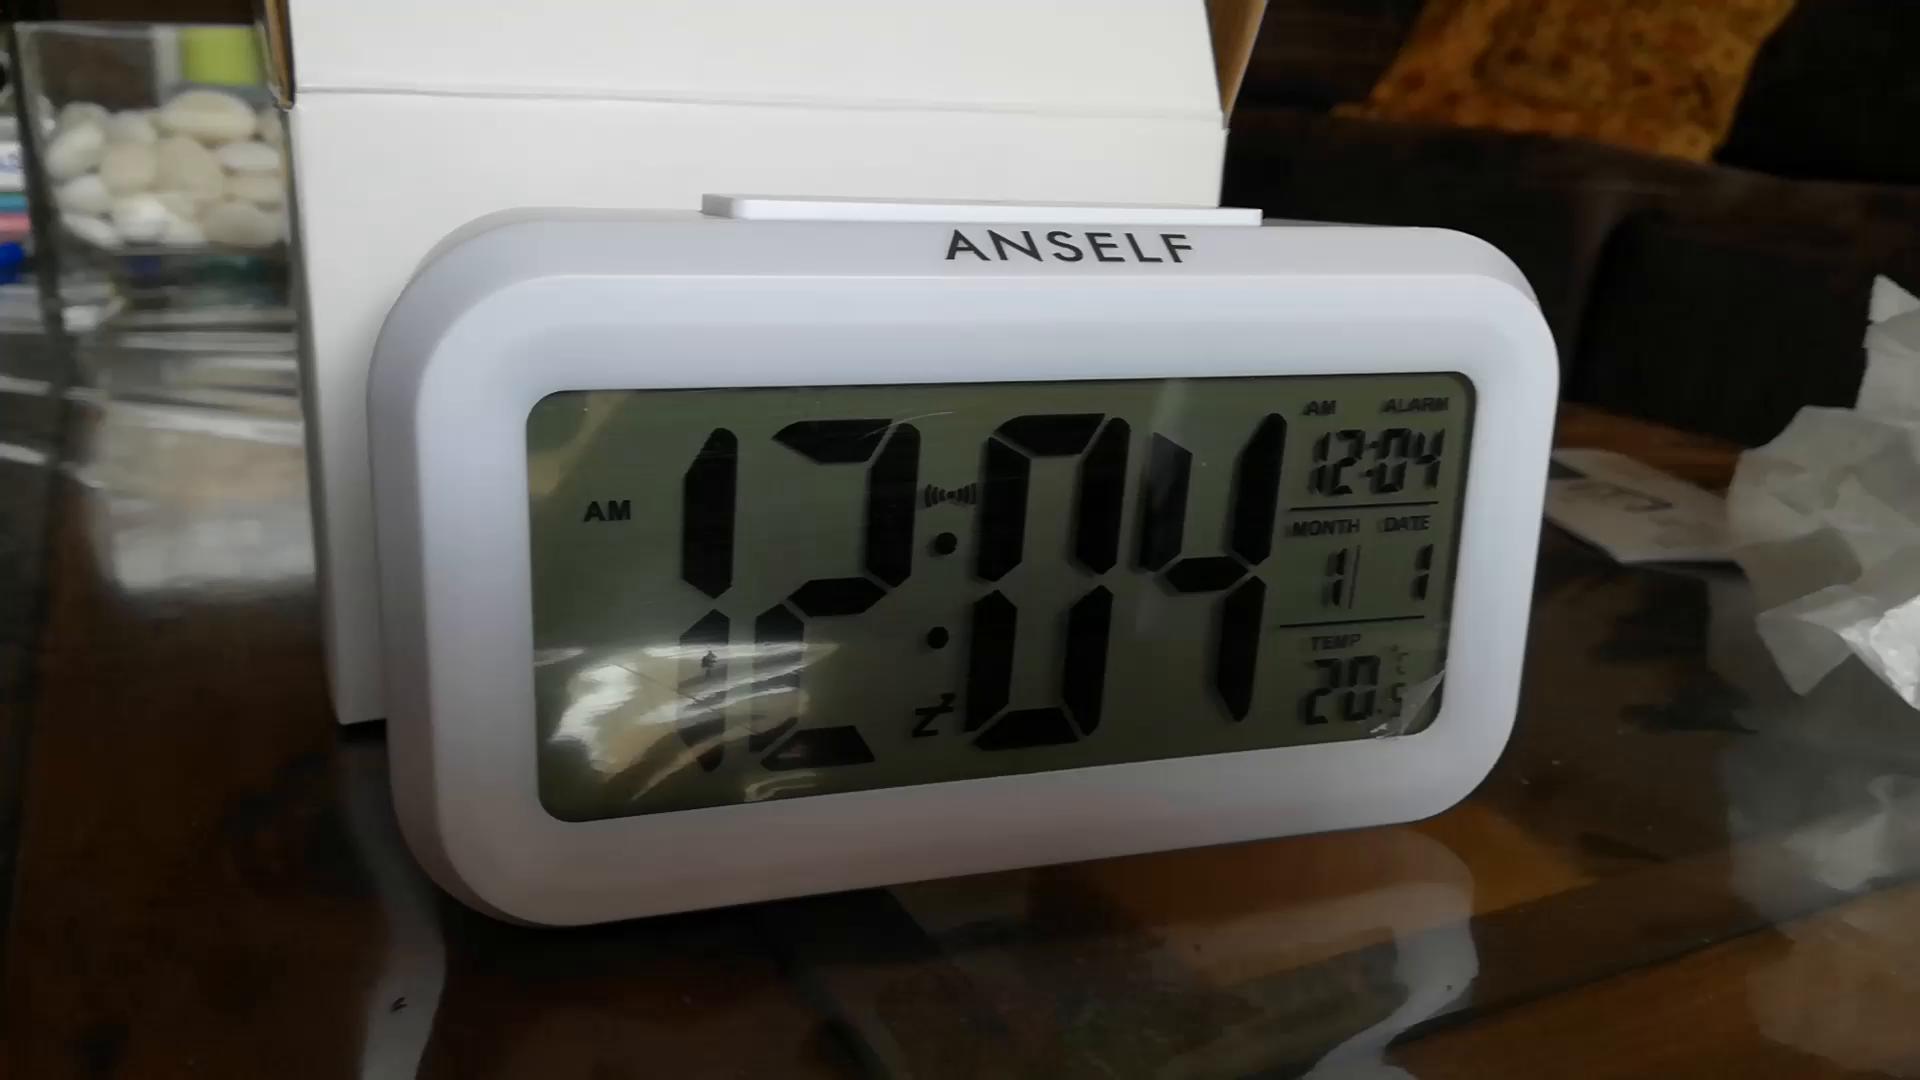 Anself LED Digital Alarma Despertador Reloj Repetición activada por luz Snooze Sensor de luz Tiempo Fecha Temperatura (Verde): Amazon.es: Hogar